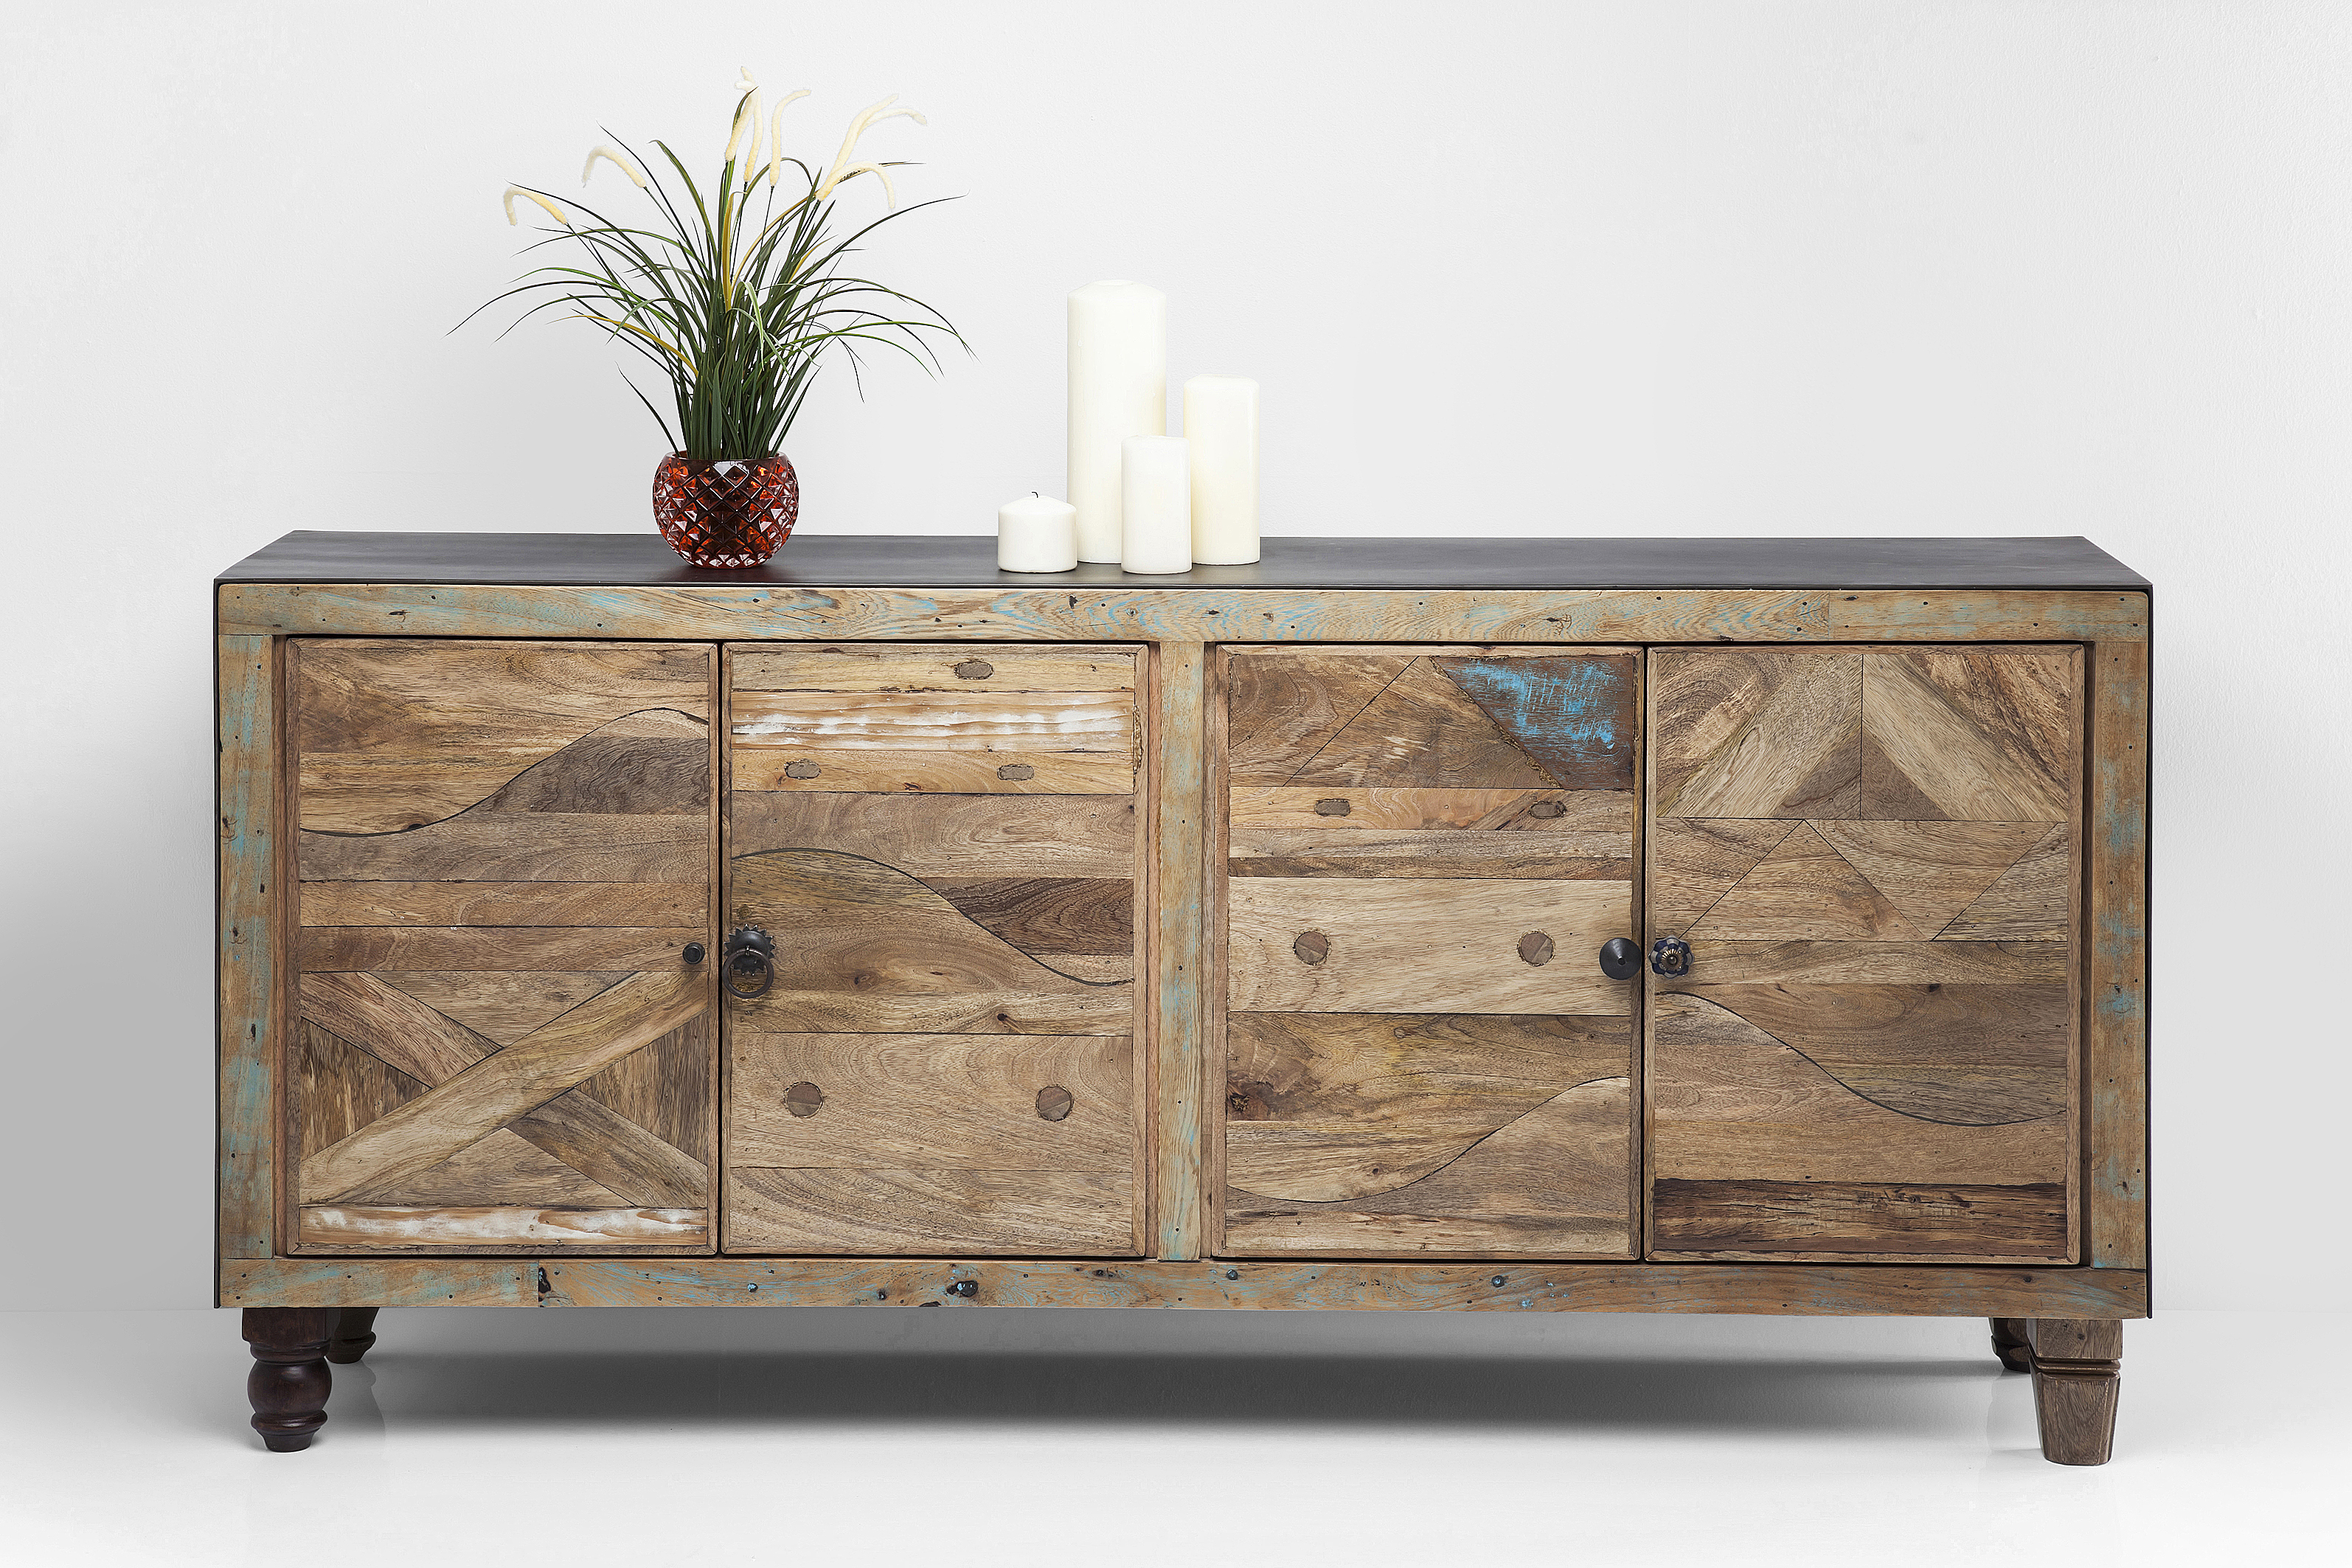 duld sideboard duld collection by kare design. Black Bedroom Furniture Sets. Home Design Ideas